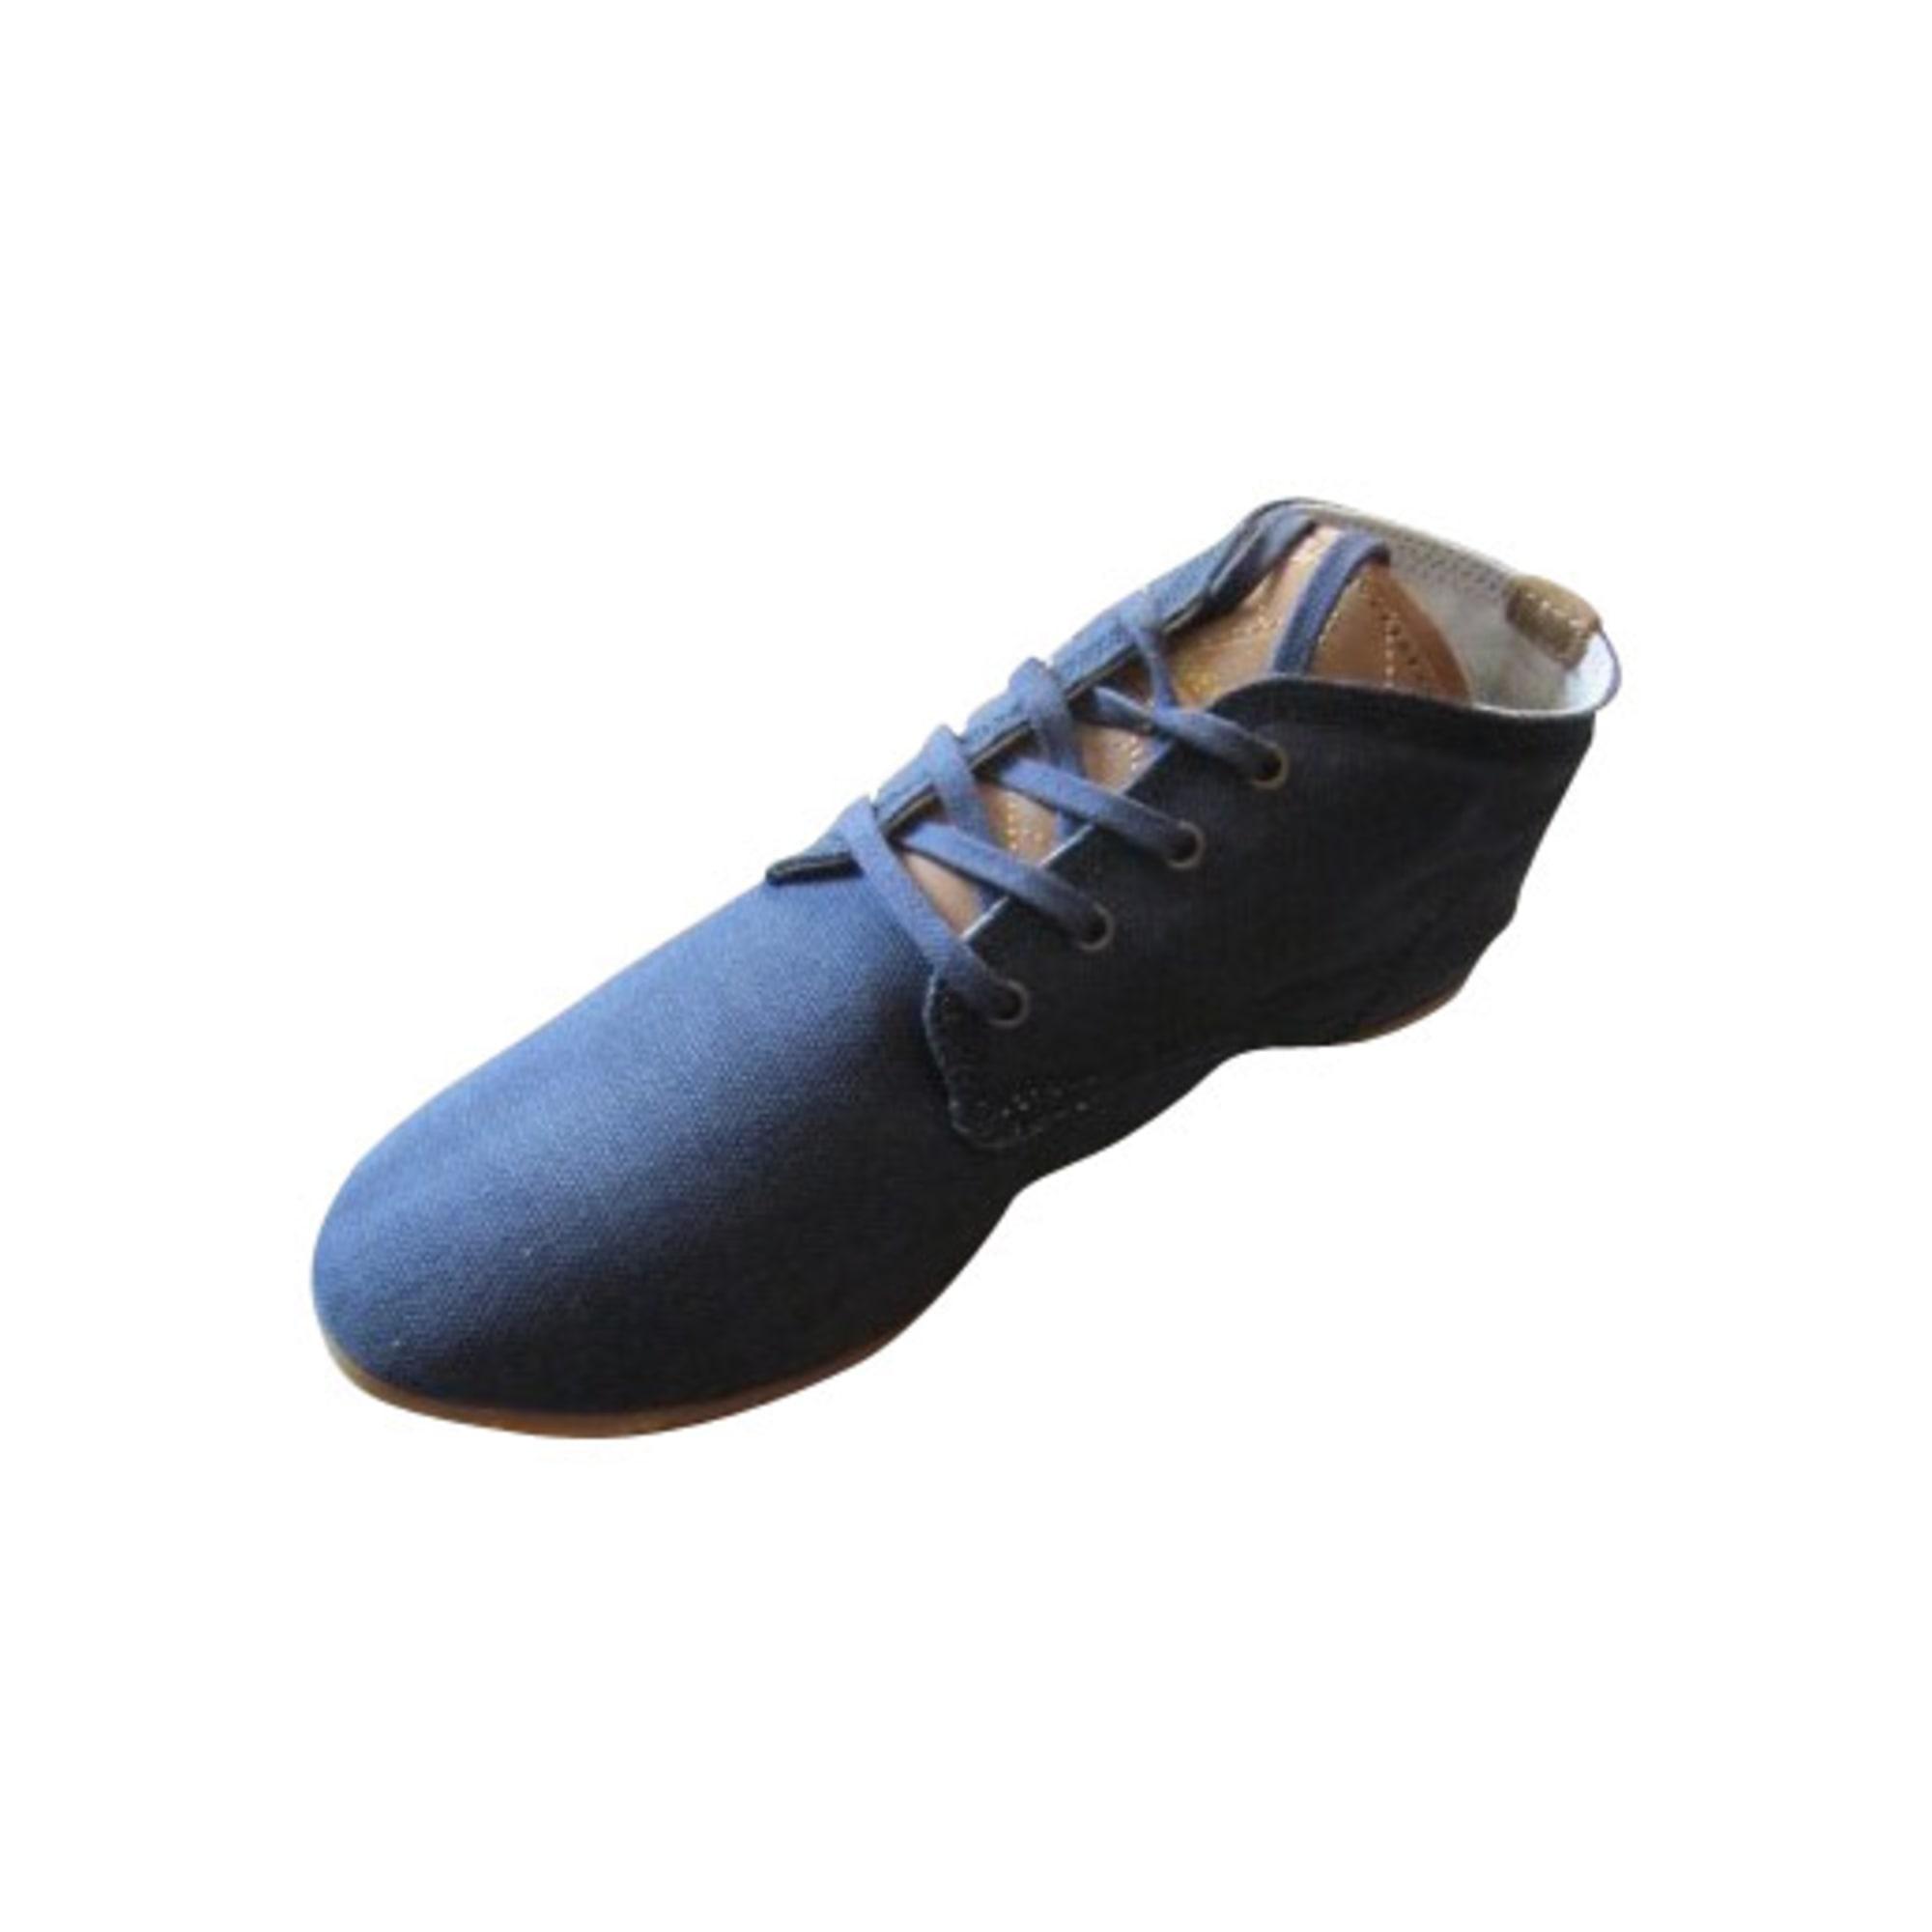 Chaussures à lacets  ELEVEN PARIS Bleu, bleu marine, bleu turquoise